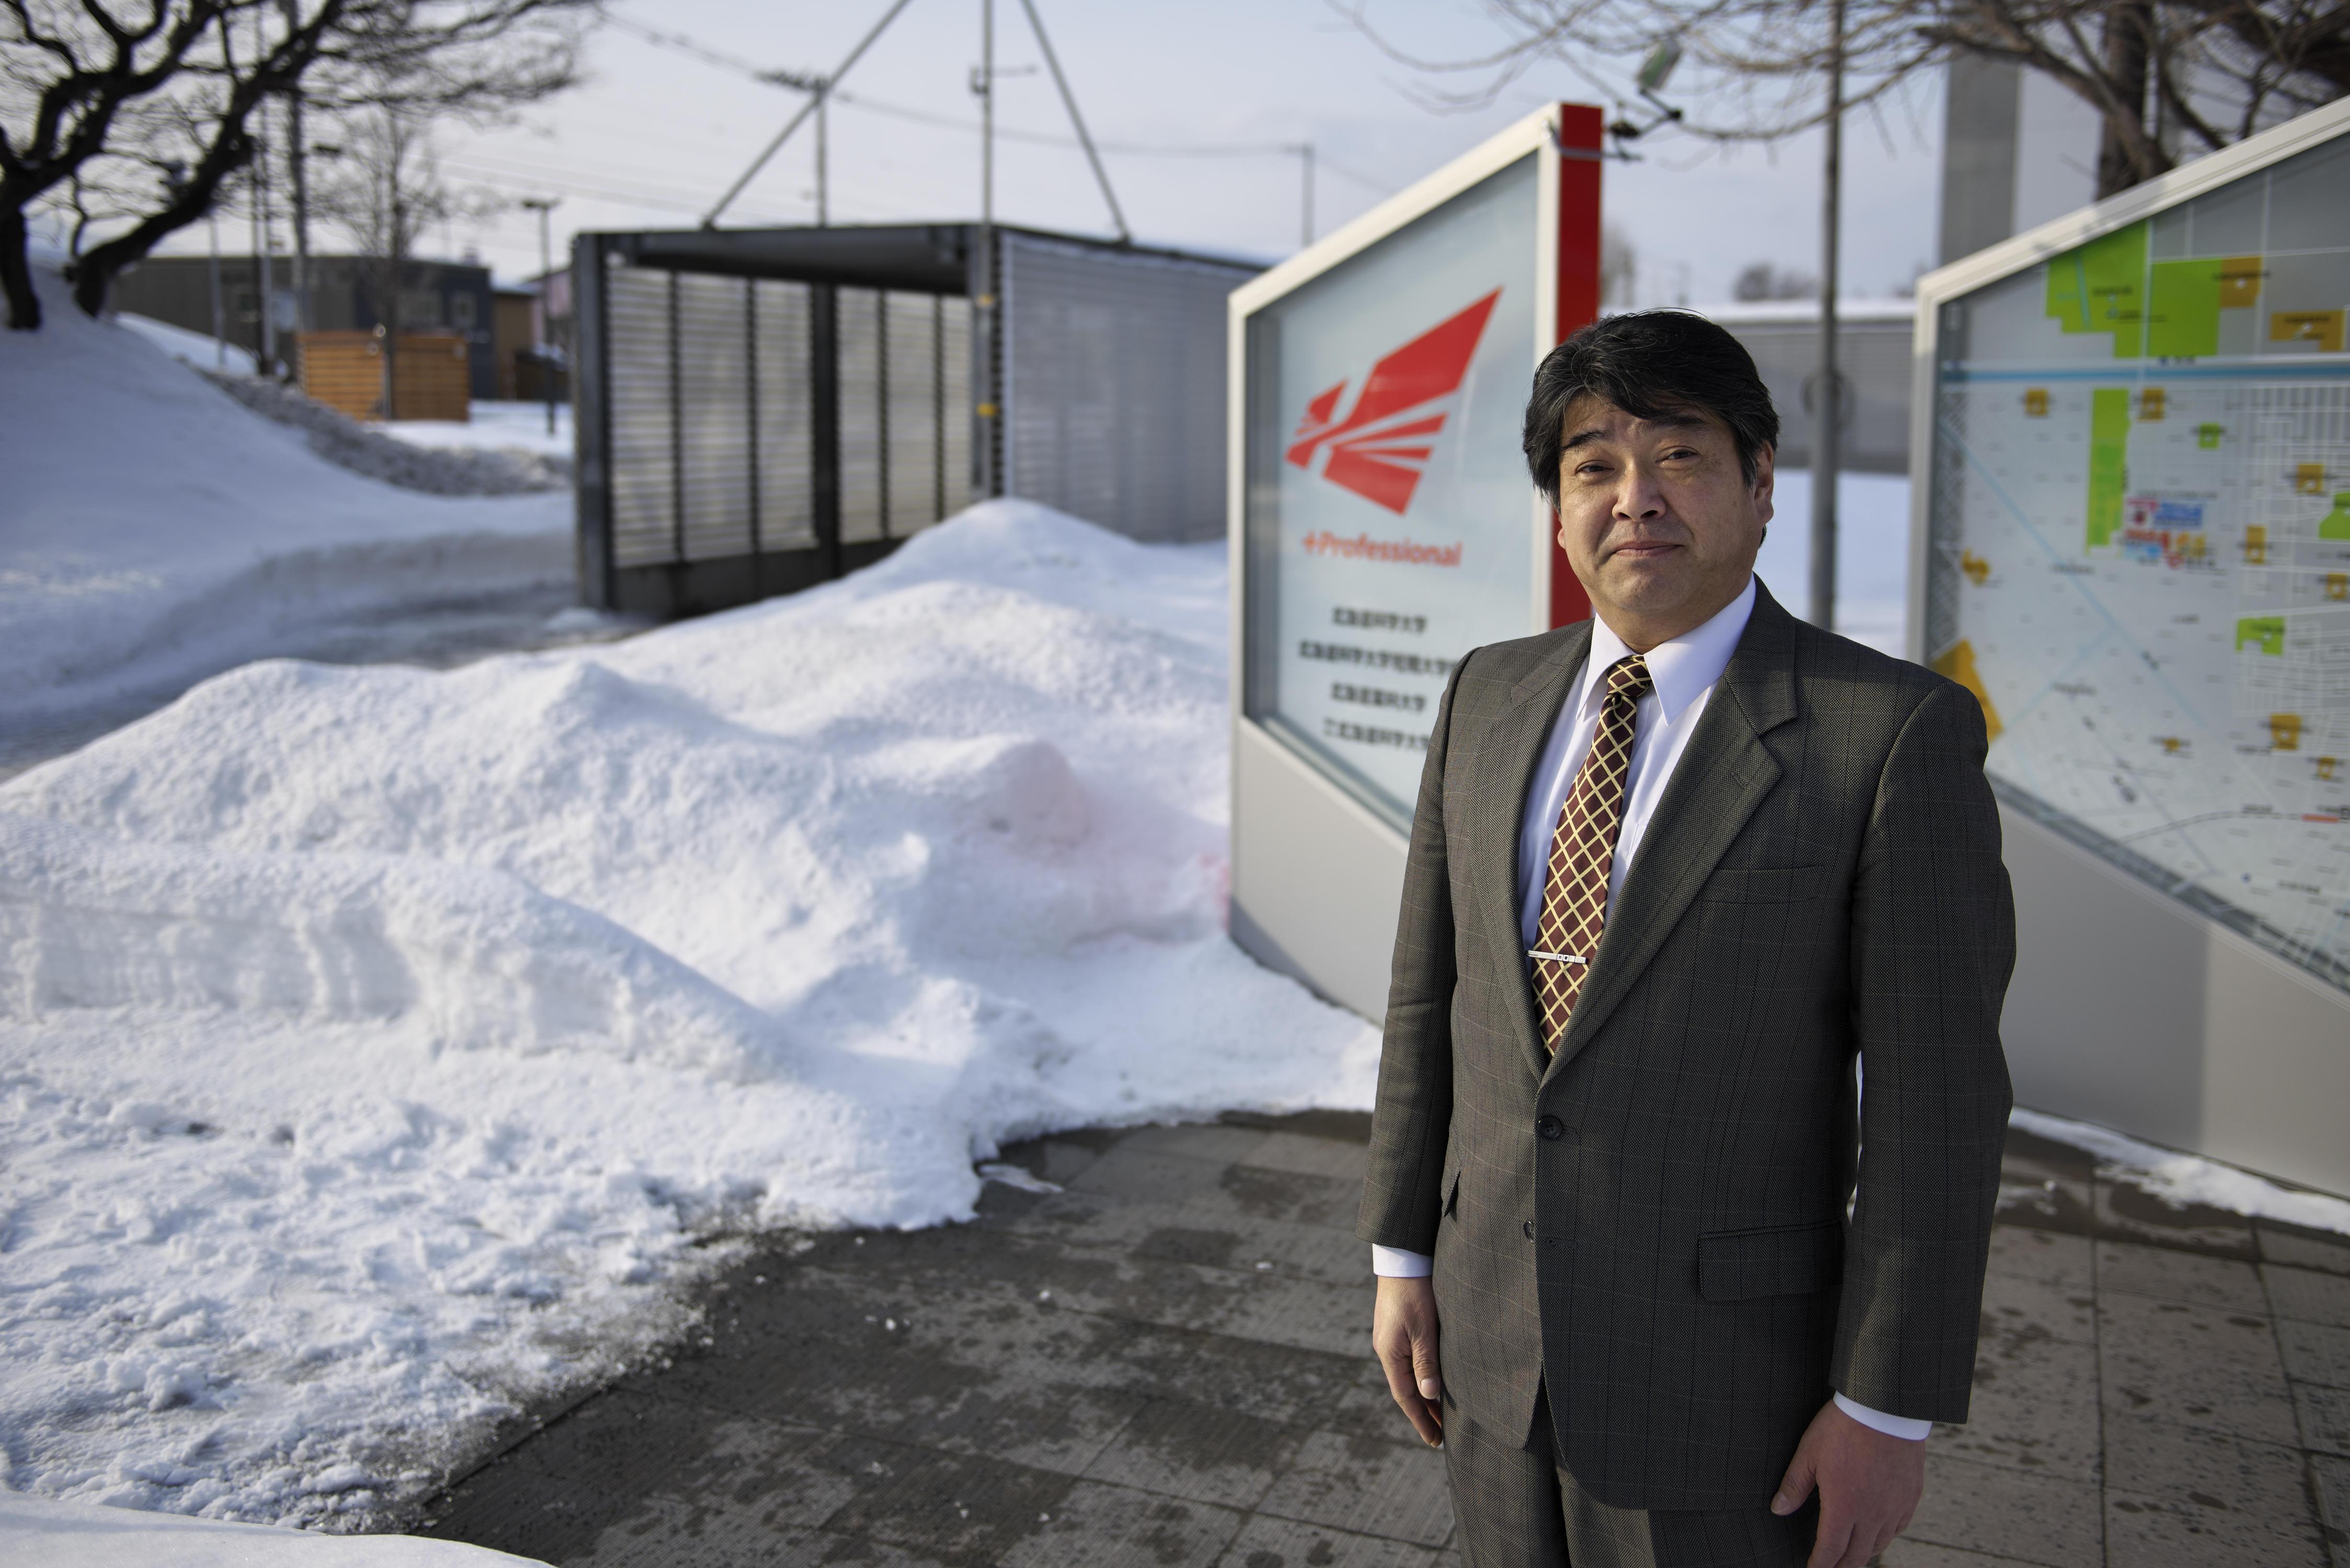 北海道科学大学が参画している「さっぽろ下水熱利用研究会」が北海道省エネルギー・新エネルギー促進大賞<新エネルギー部門>奨励賞を受賞